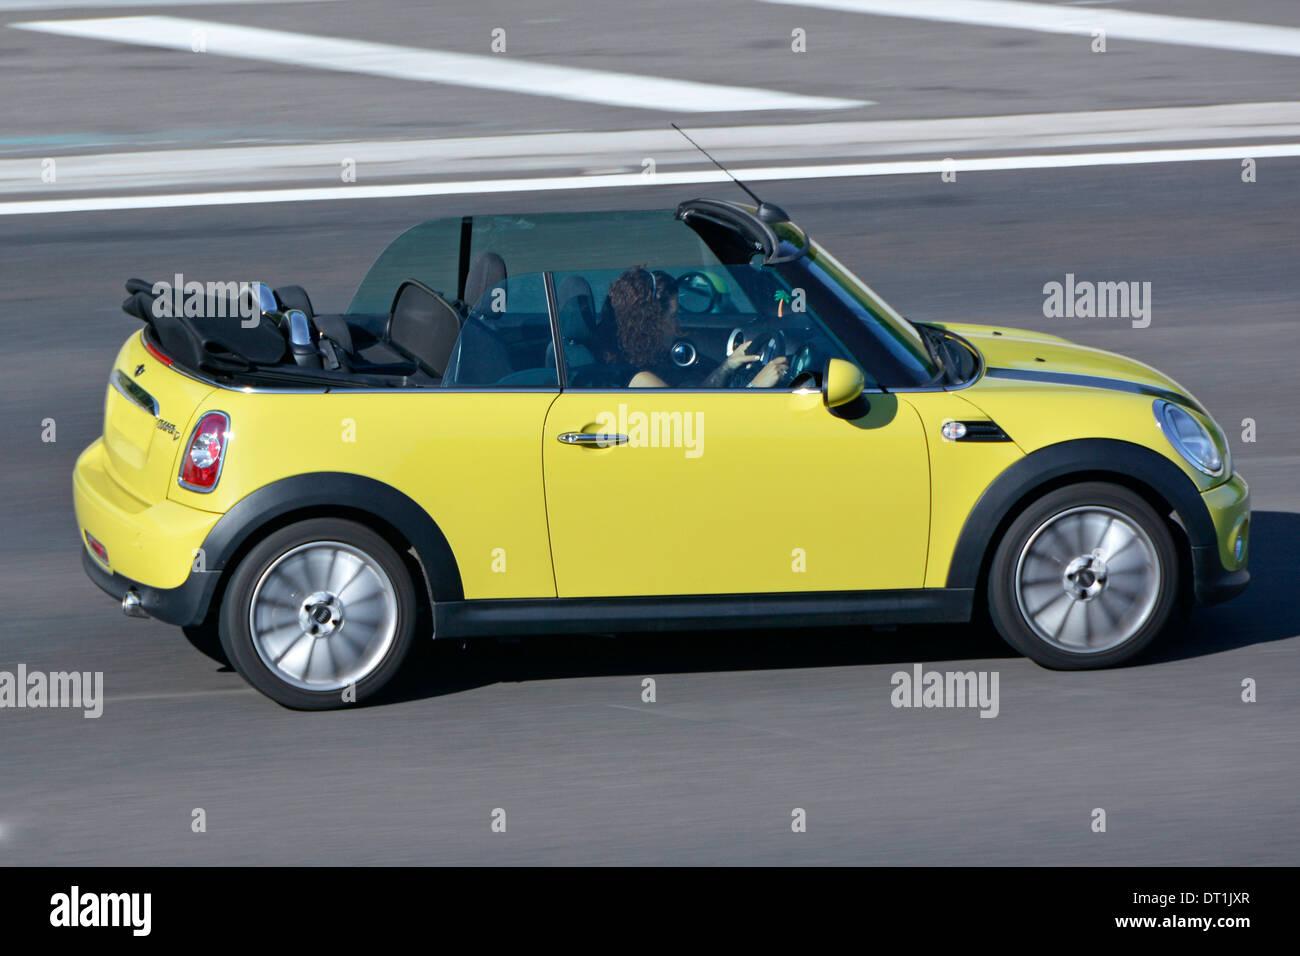 Dos puertas BMW Mini Cooper descapotable coche convertible con la mujer la conducción en autopista autopista Imagen De Stock